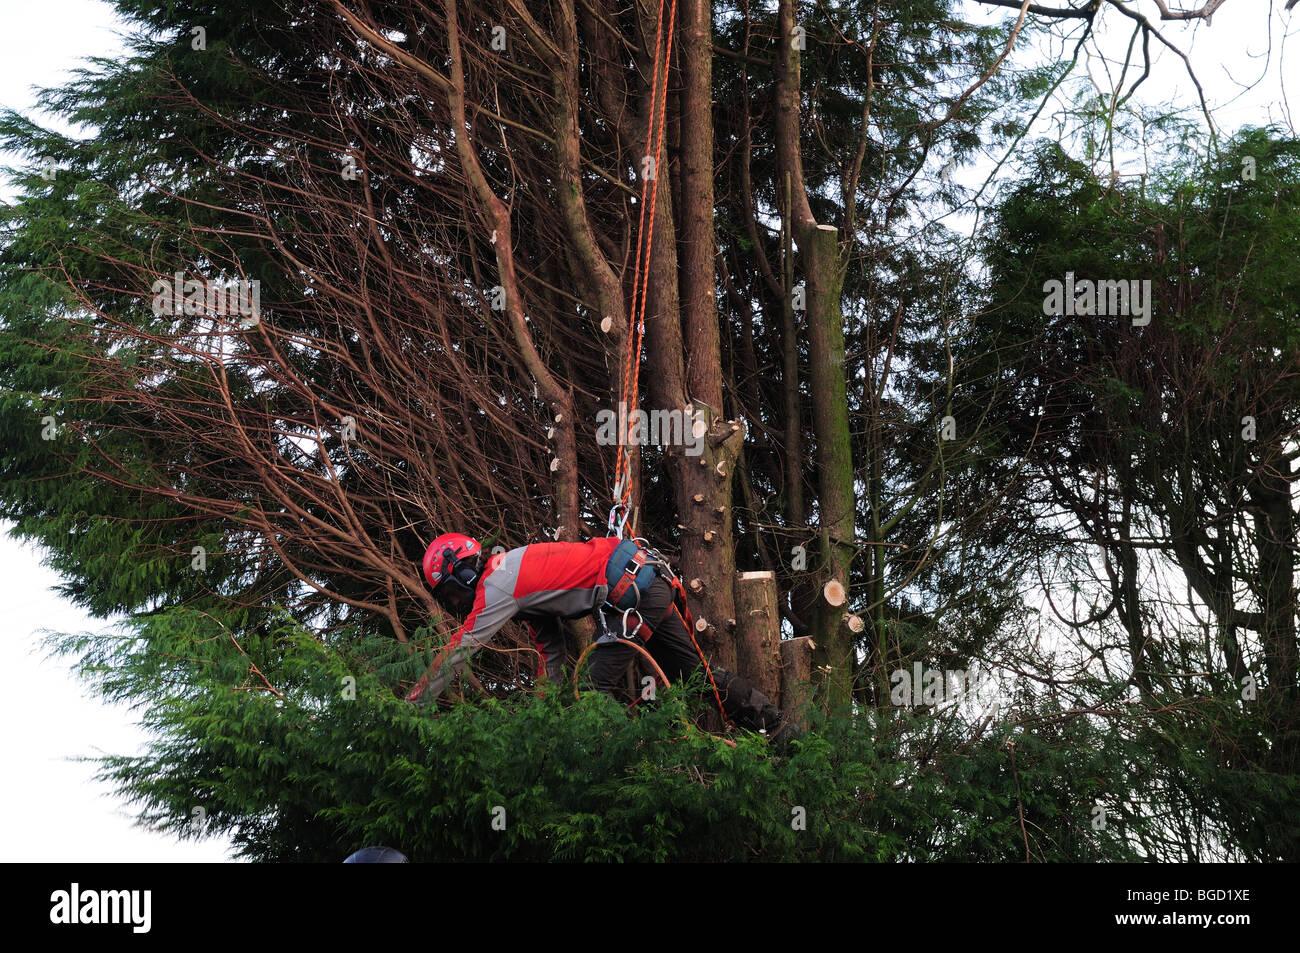 Tree chirurgo indossando un abbigliamento protettivo e utilizzando cavi di sicurezza il taglio di un grande albero Immagini Stock